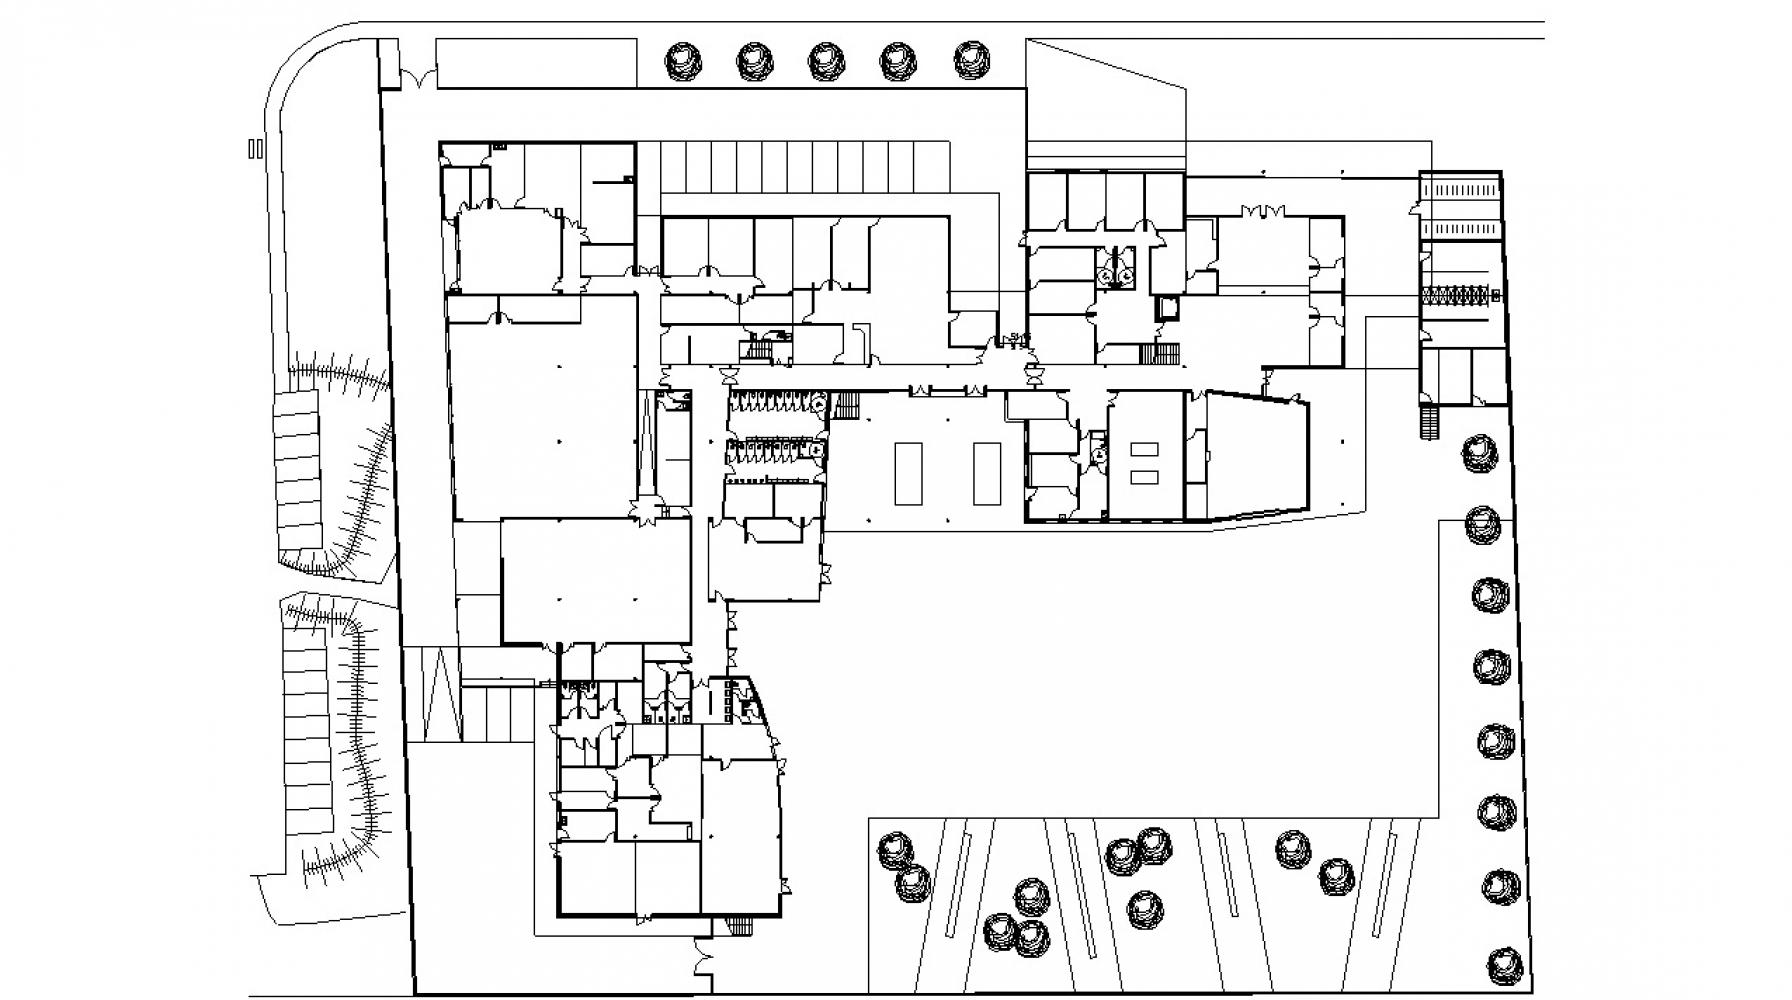 12-val-de-reuil-img-003 Pascale SEURIN Architecte - Pascale SEURIN Architecte